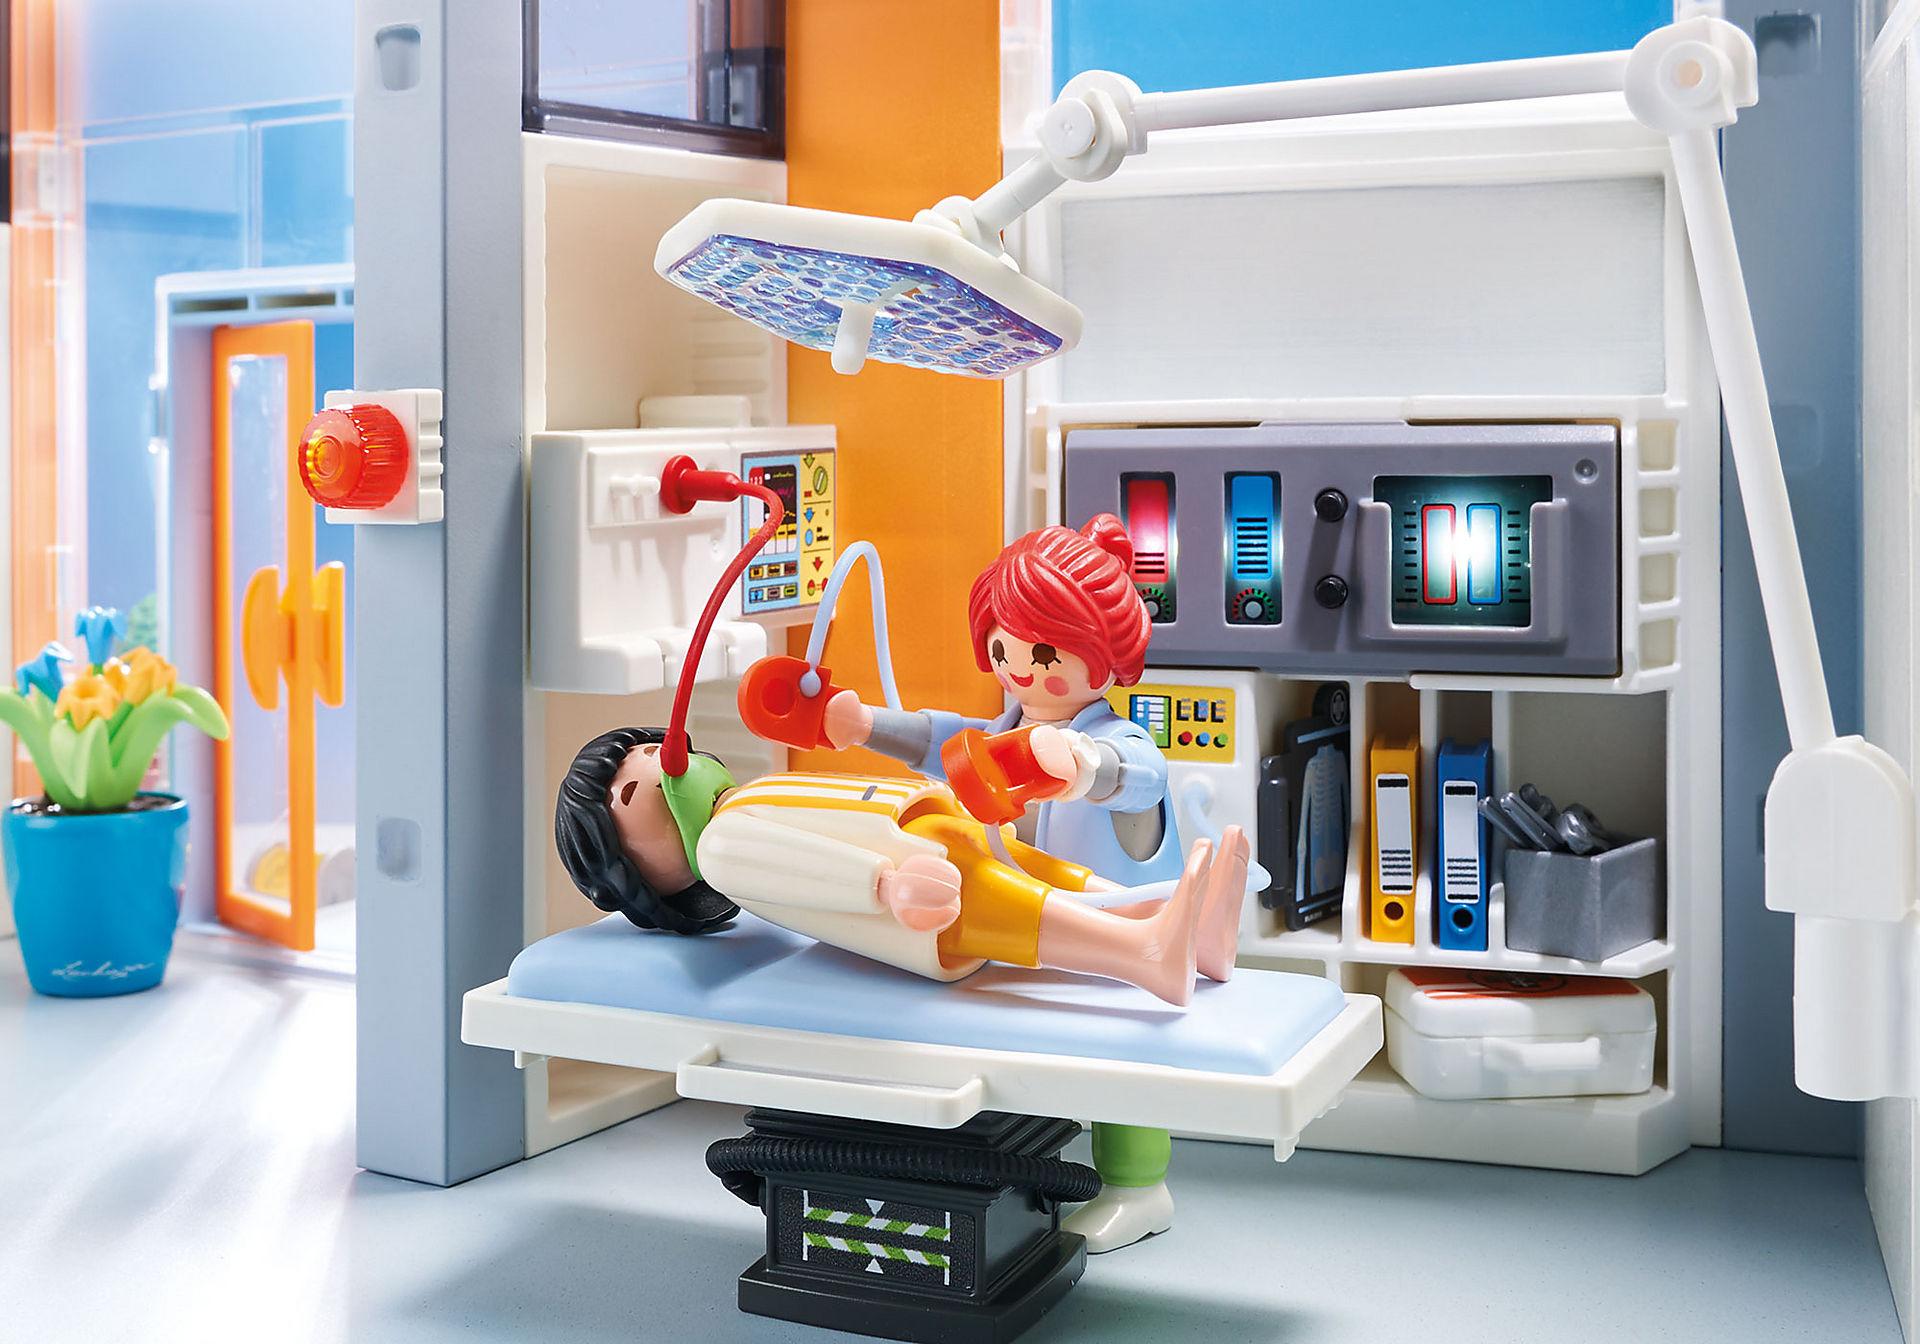 70190 Duży szpital z wyposażeniem zoom image5